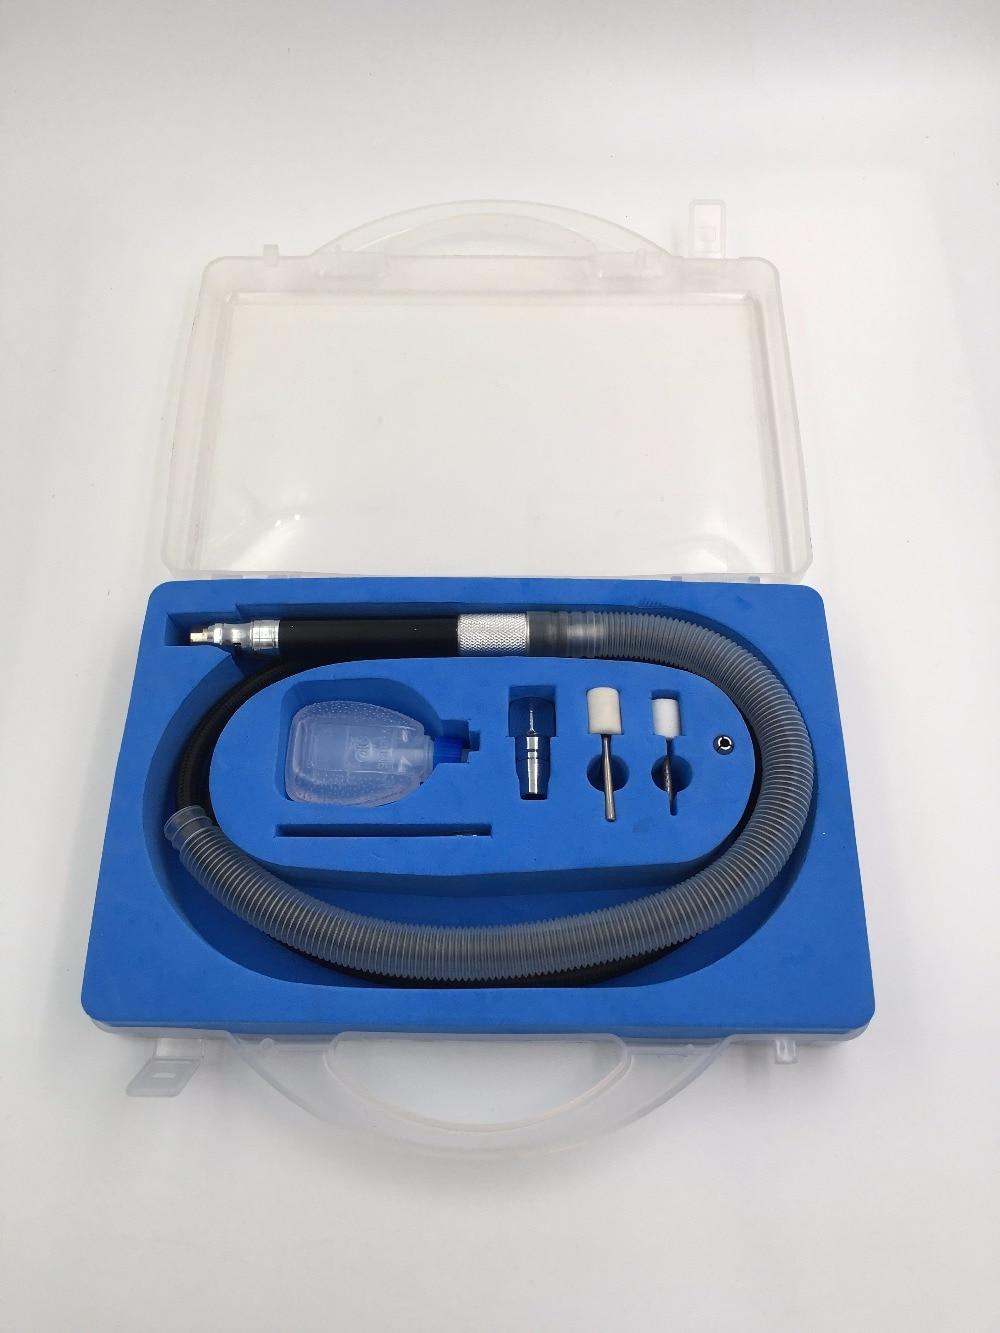 SAT7474 Pneumatic Micro Grinders 3mm Grinder High Speed Pencil Die Air Pressure Grinder Mini Sander Power Drilling Tools цена